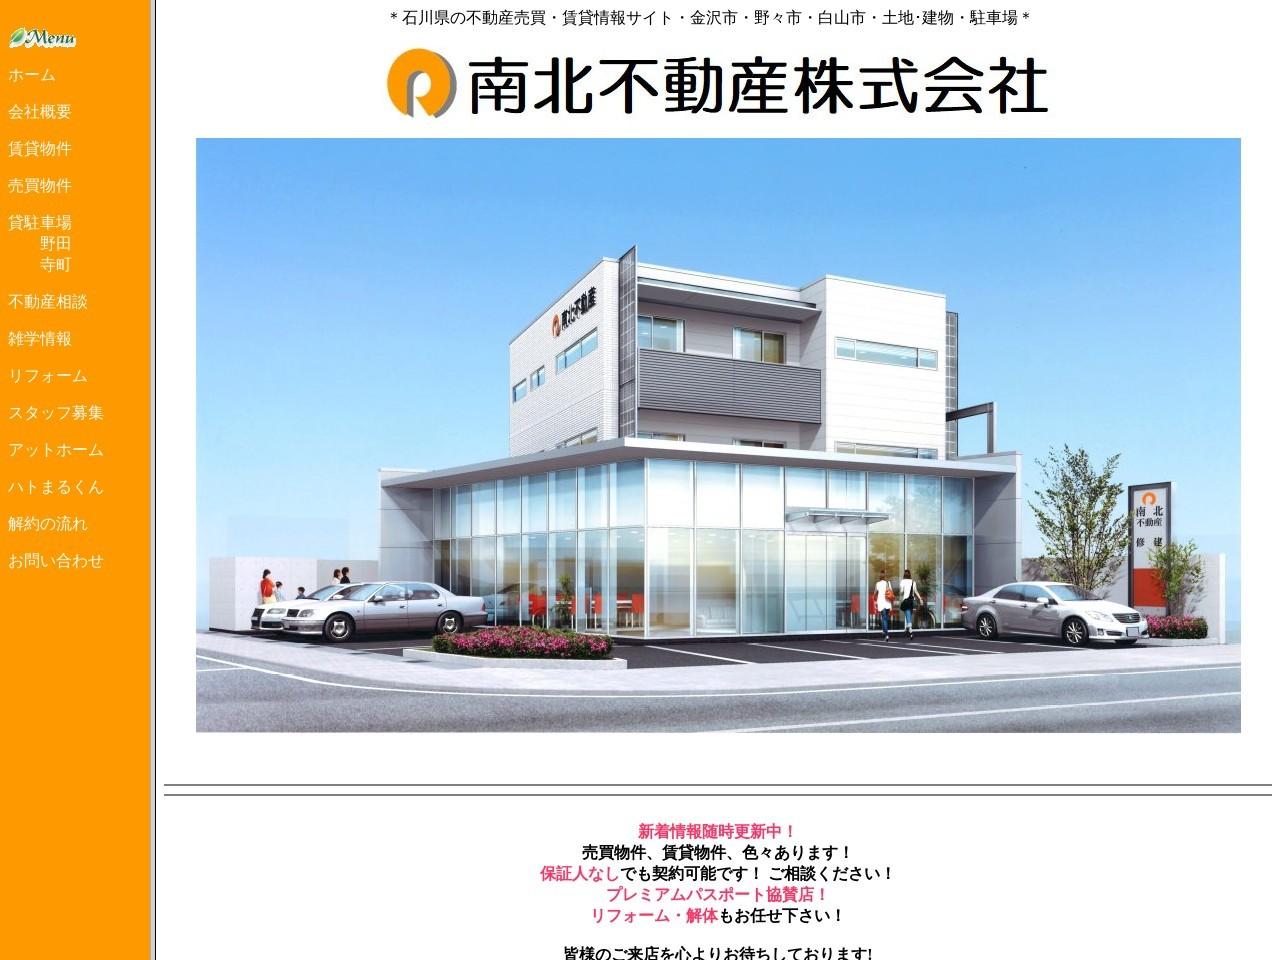 *石川県の不動産売買・賃貸情報サイト*南北不動産ホームページ*